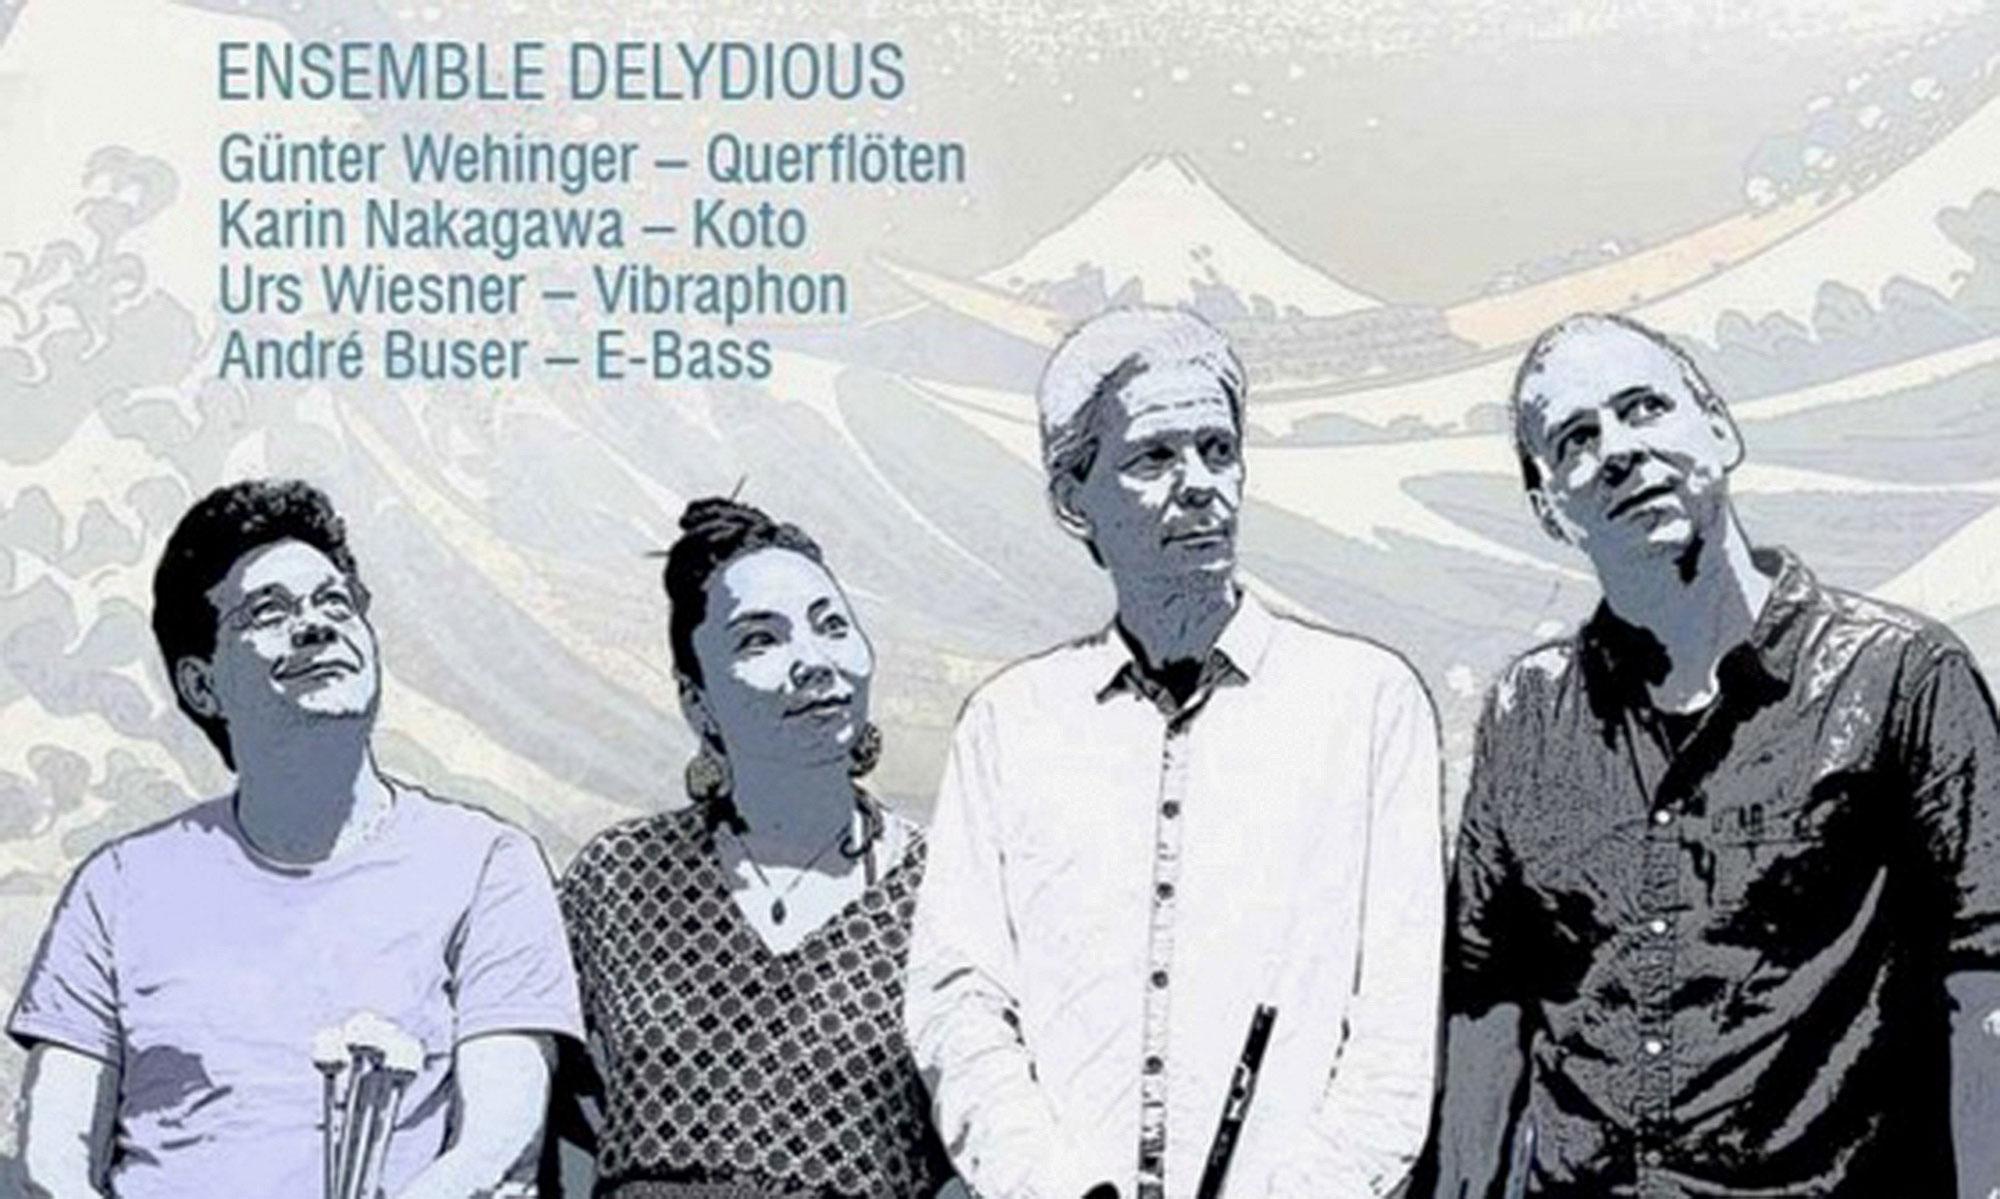 auf dem Bild ist das Musik-Ensemble «Delydious» zu sehen